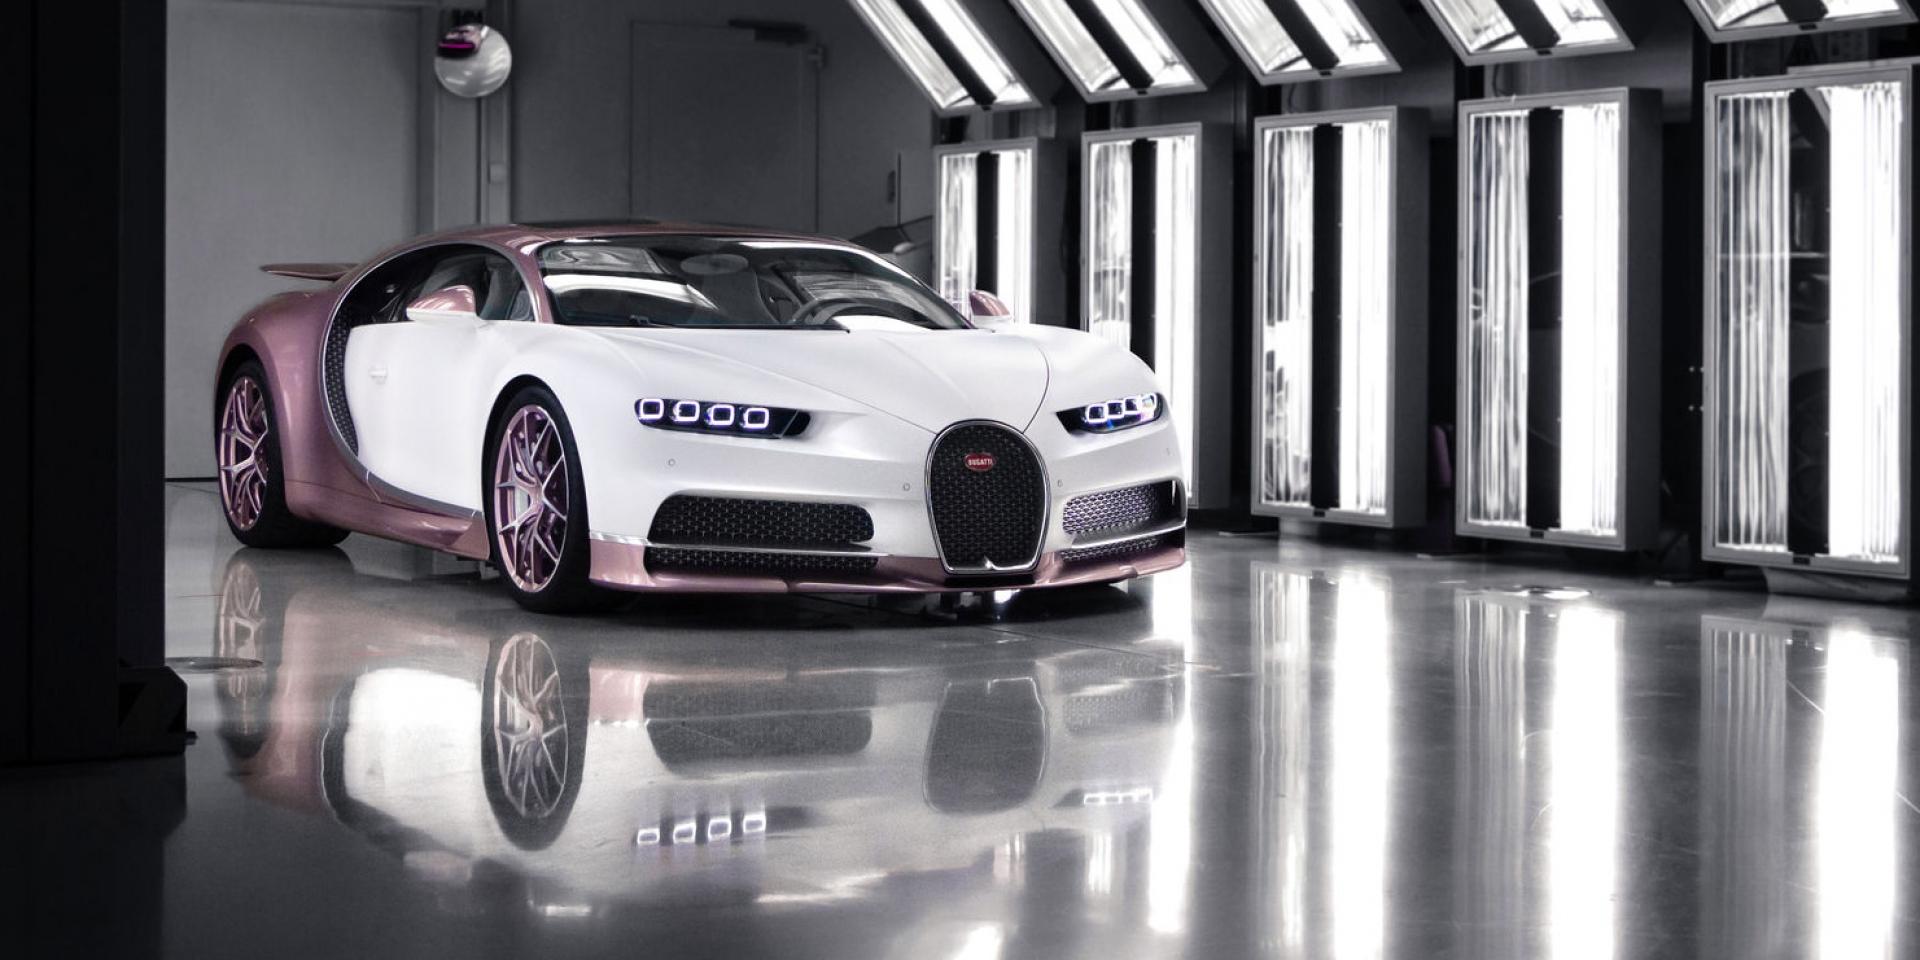 情人節禮物怎麼挑?來輛「粉紅」Bugatti寵愛你的另一半!